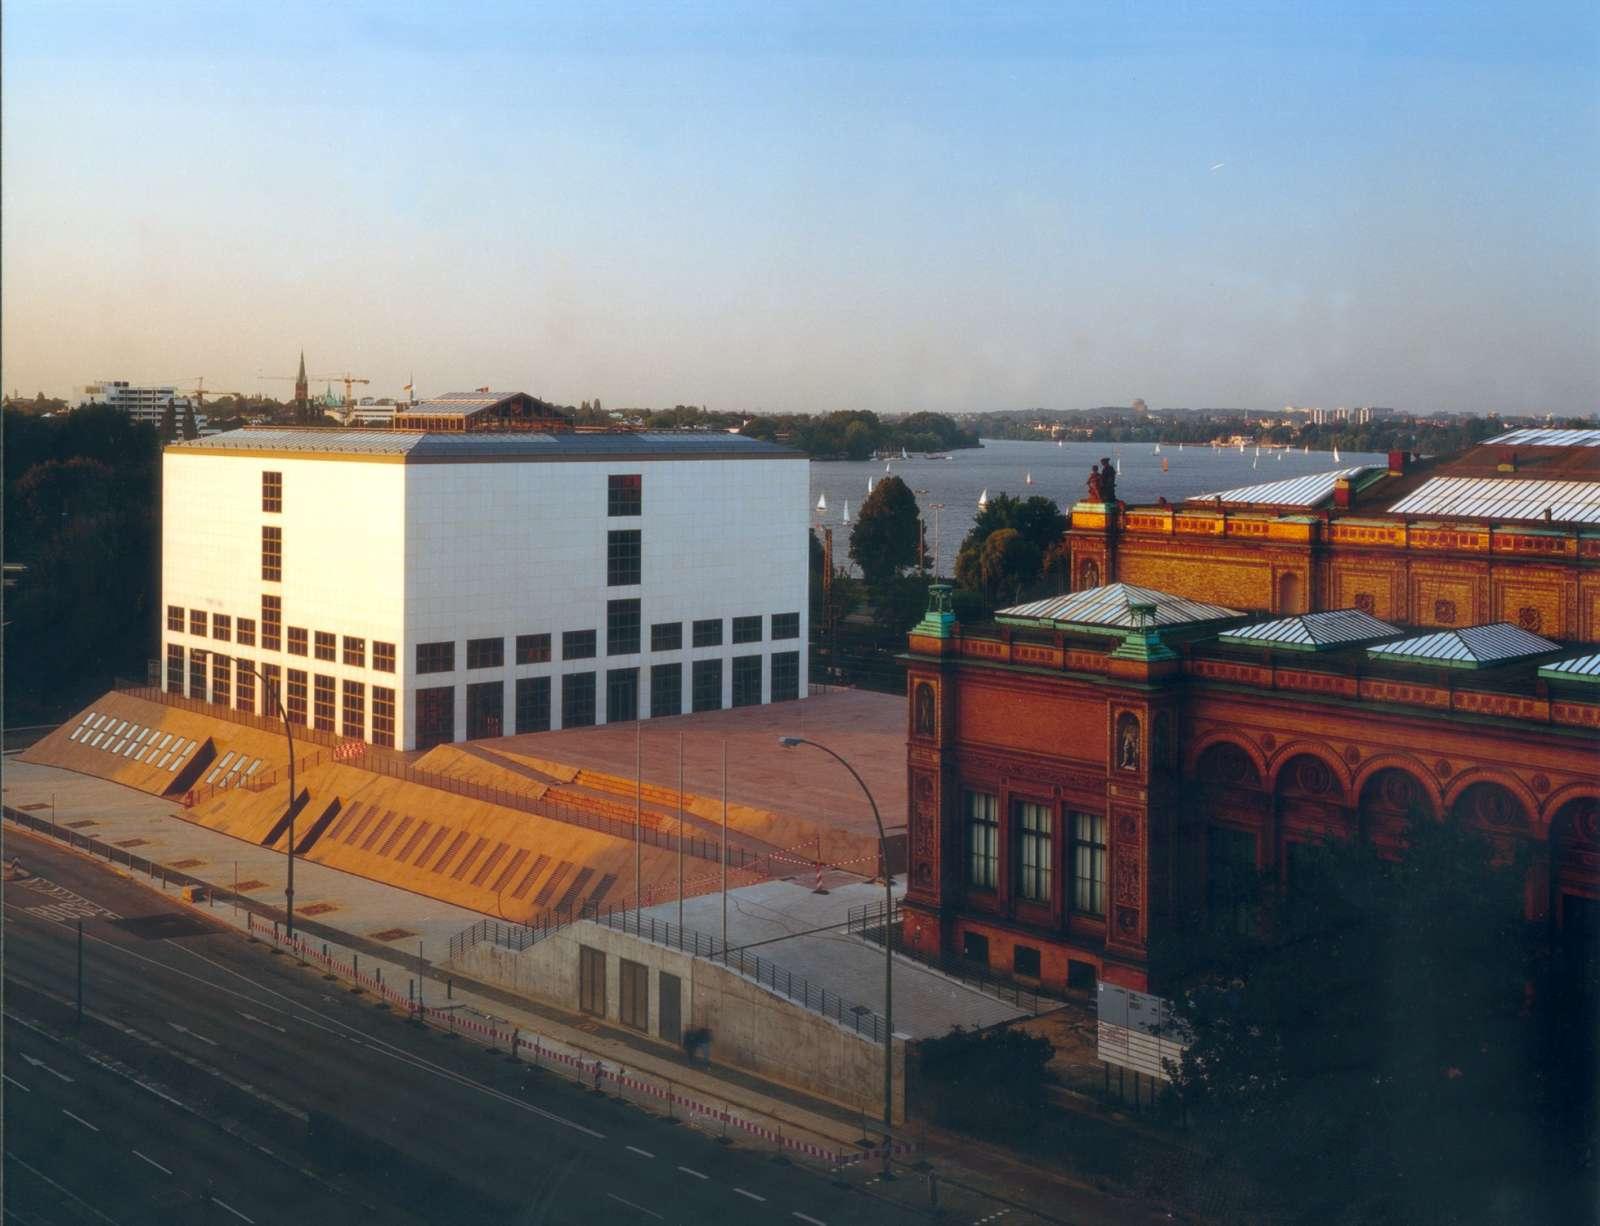 Blick auf Galerie der Gegenwart und Gründungsbau © Hamburger Kunsthalle, Foto: Wolfgang Neeb